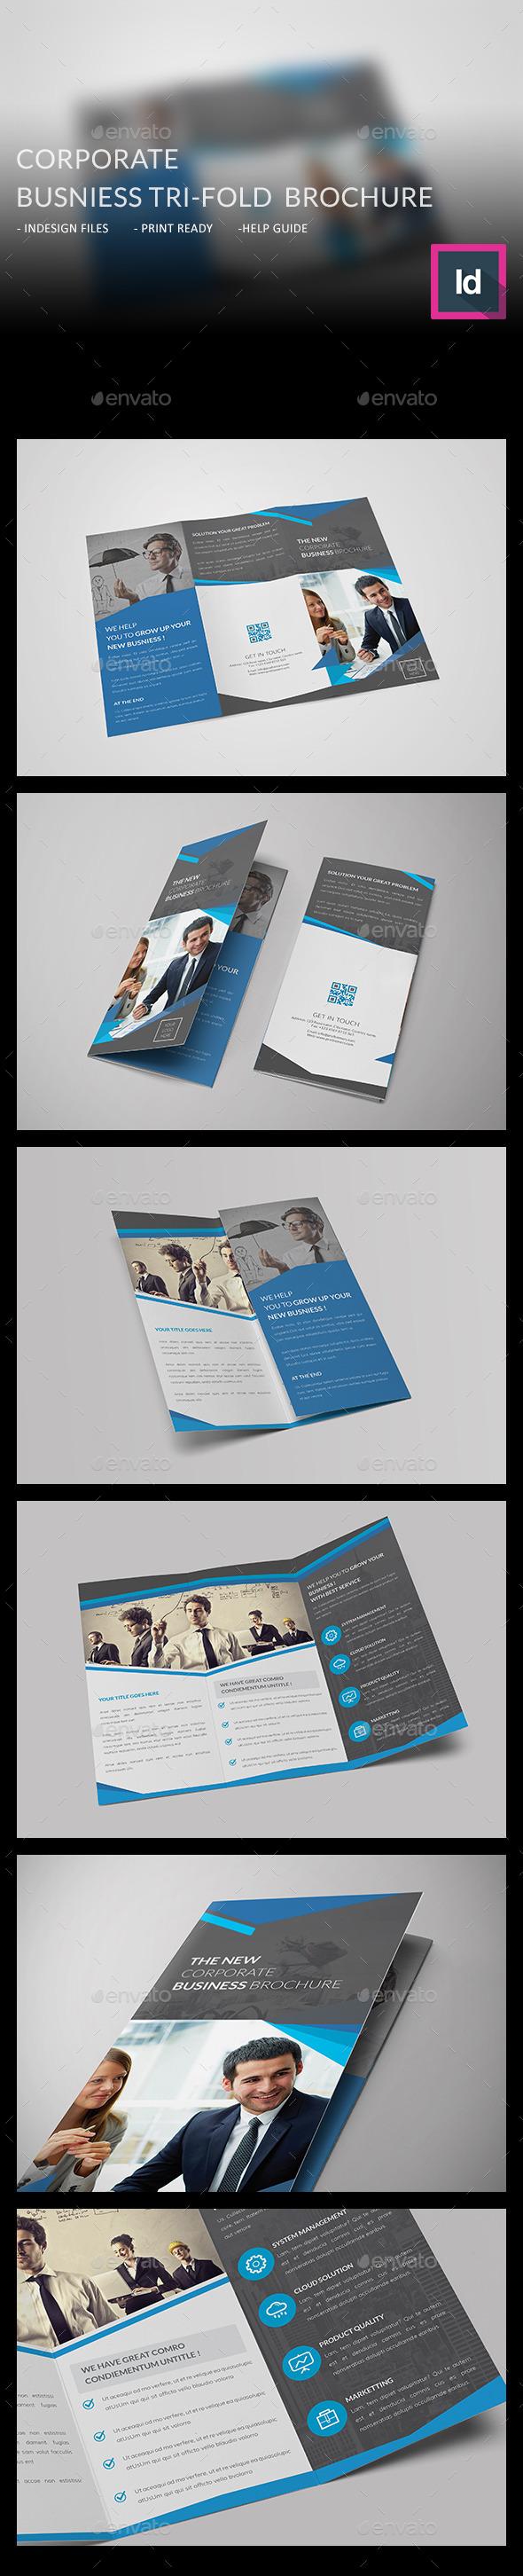 Corporate Business Tri-fold Brochure - Corporate Brochures